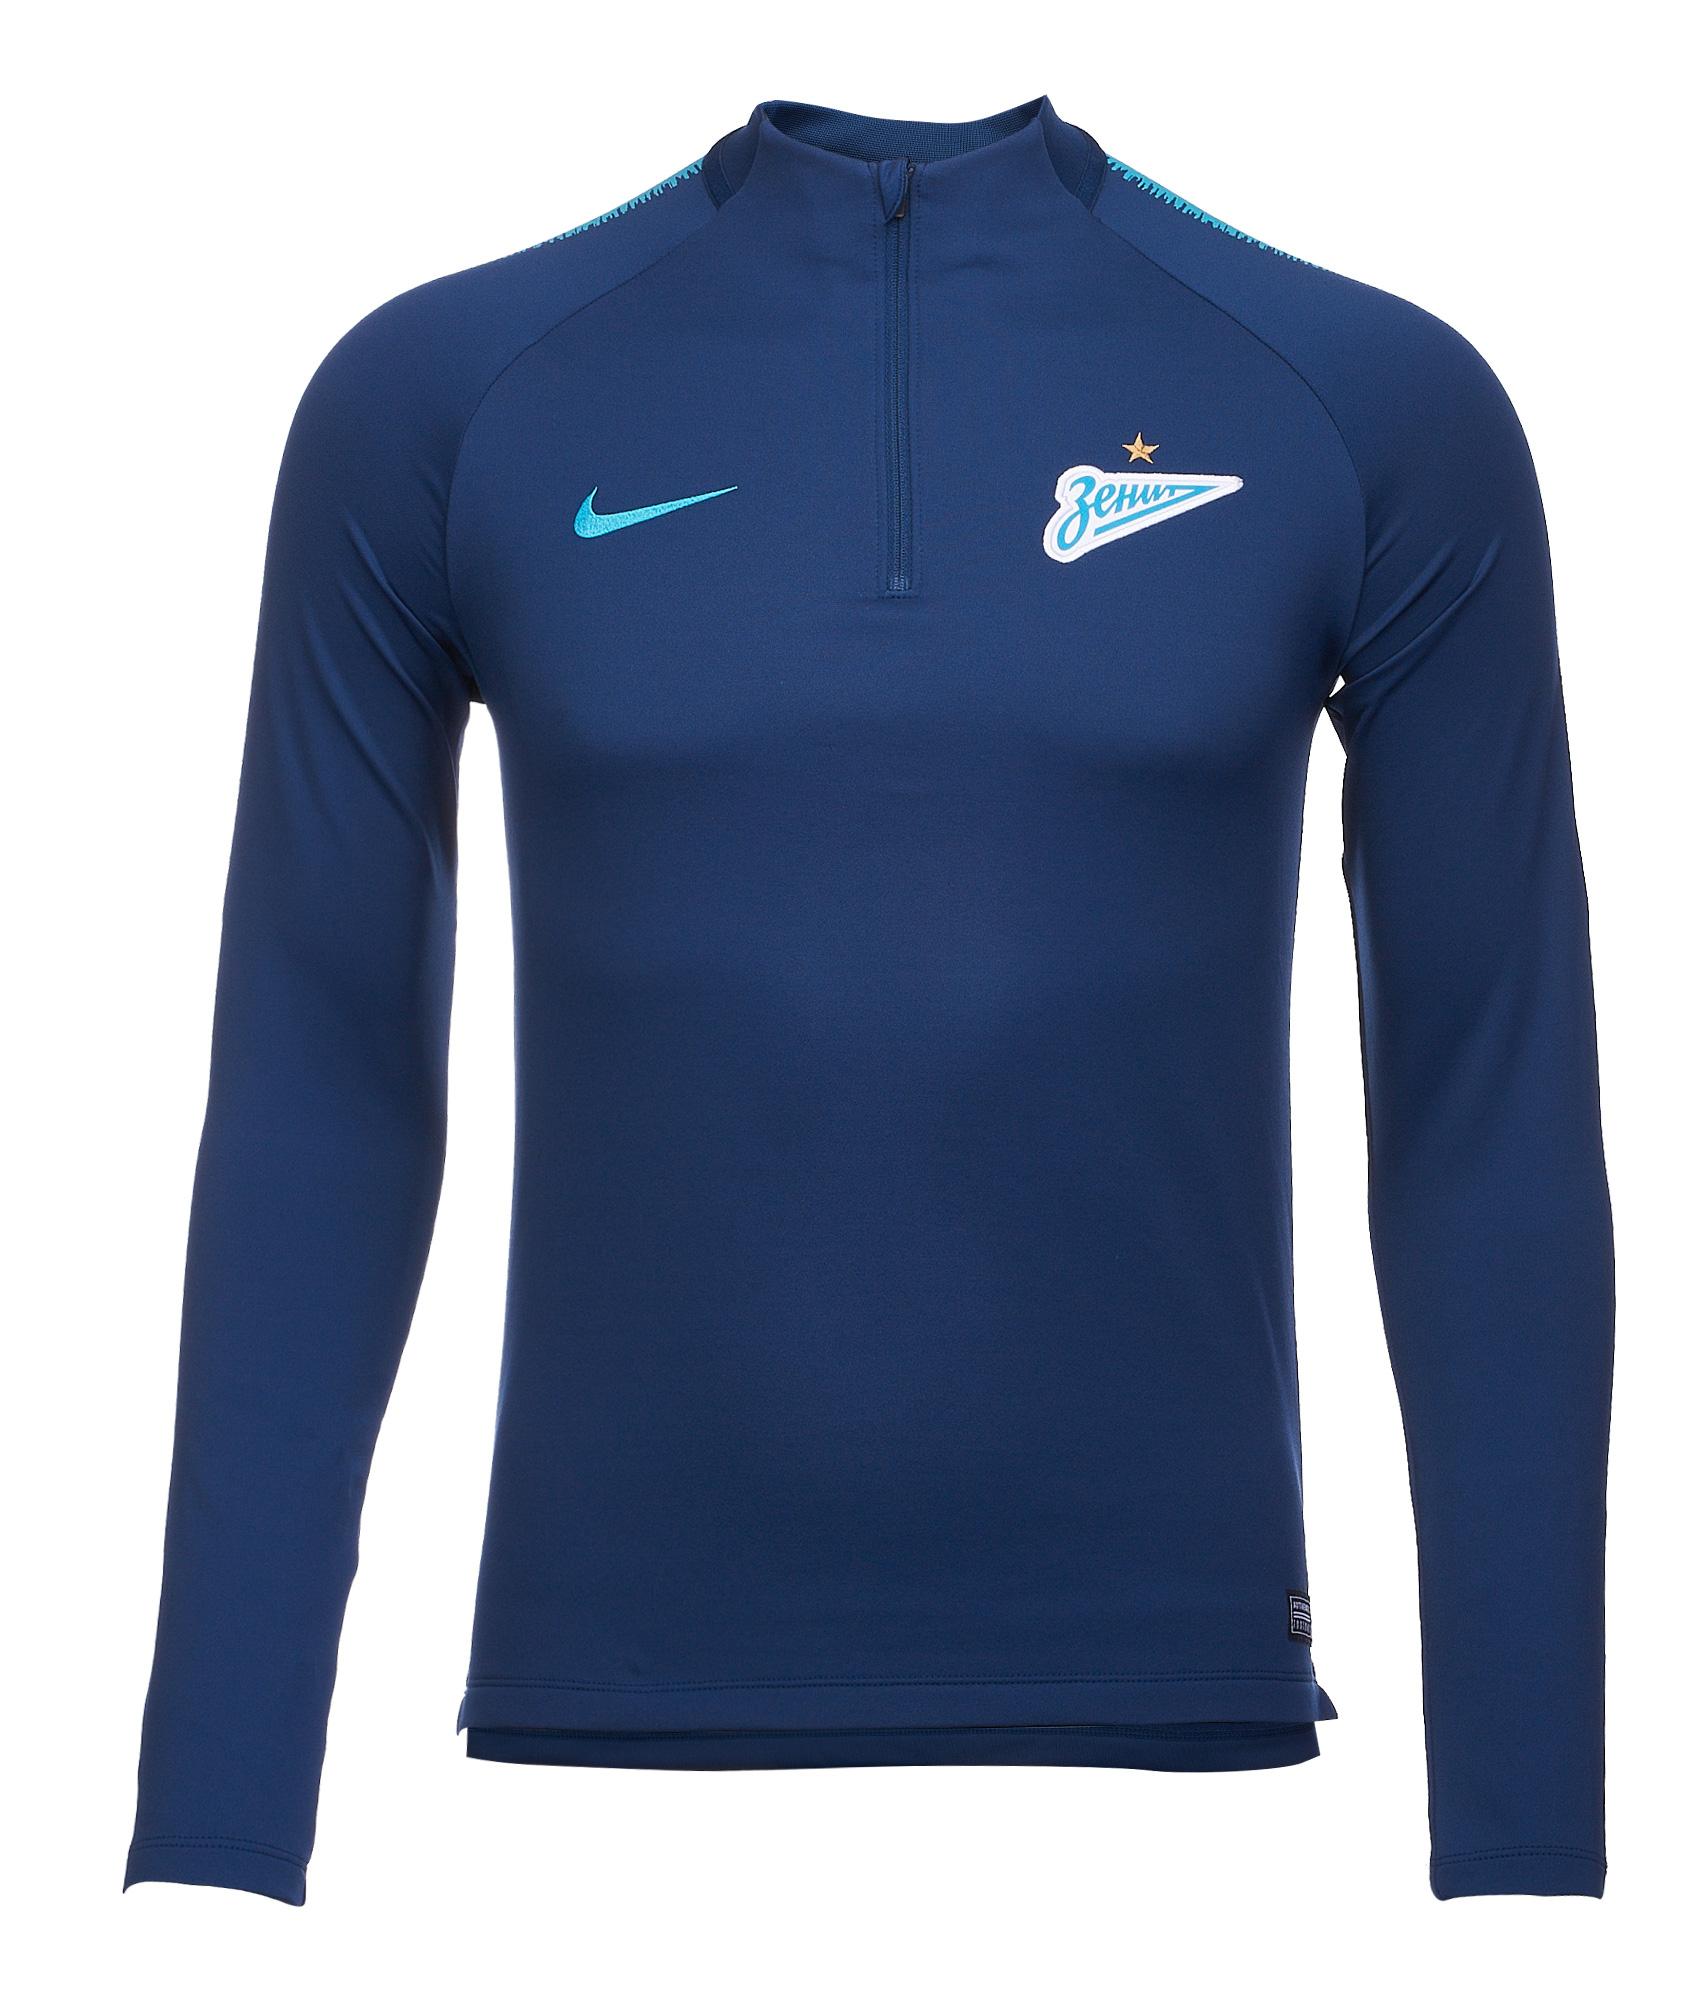 цена на Свитер тренировочный подростковый Nike Zenit сезона 2018/19 Nike